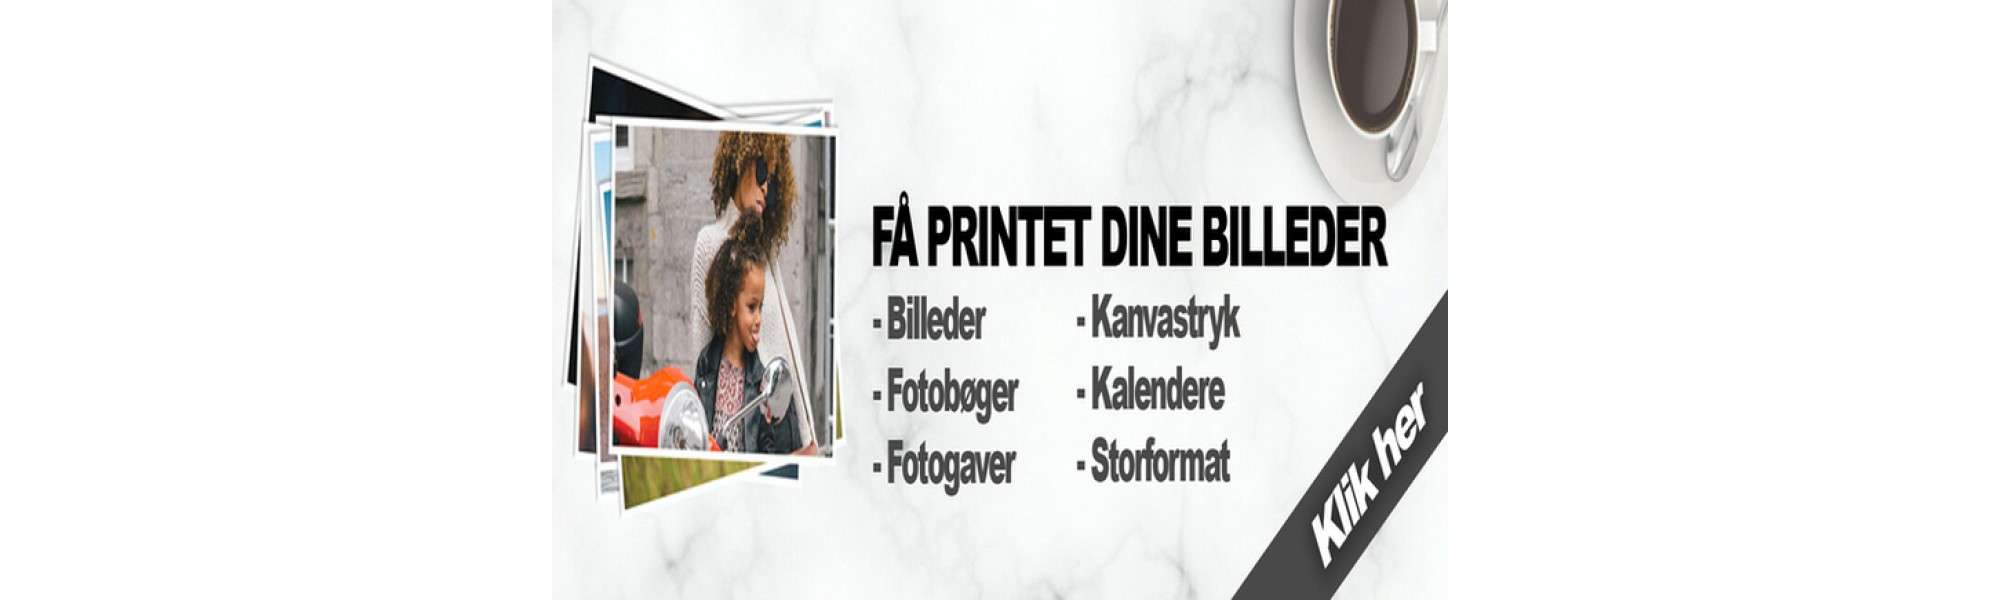 Få printet dine billeder